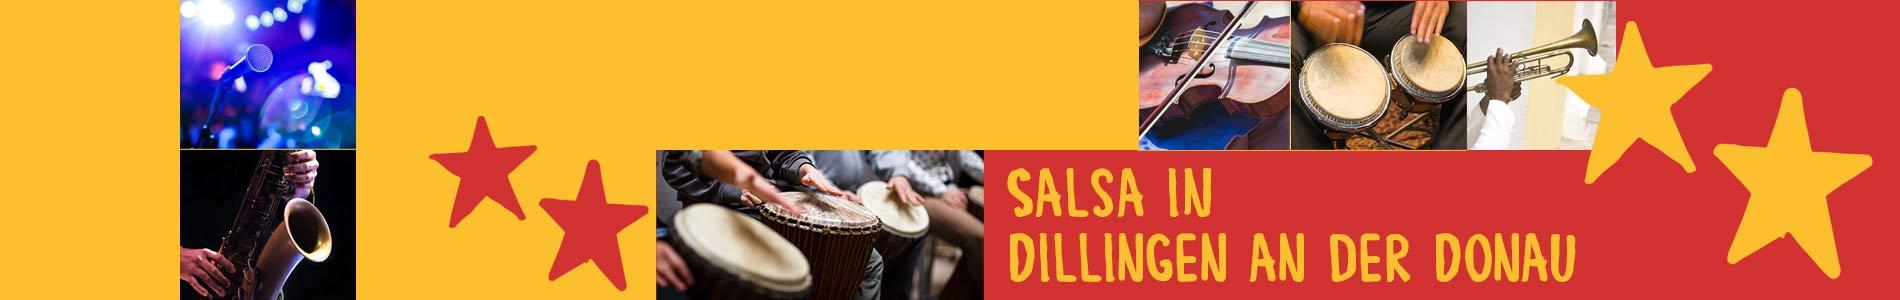 Salsa in Dillingen – Salsa lernen und tanzen, Tanzkurse, Partys, Veranstaltungen